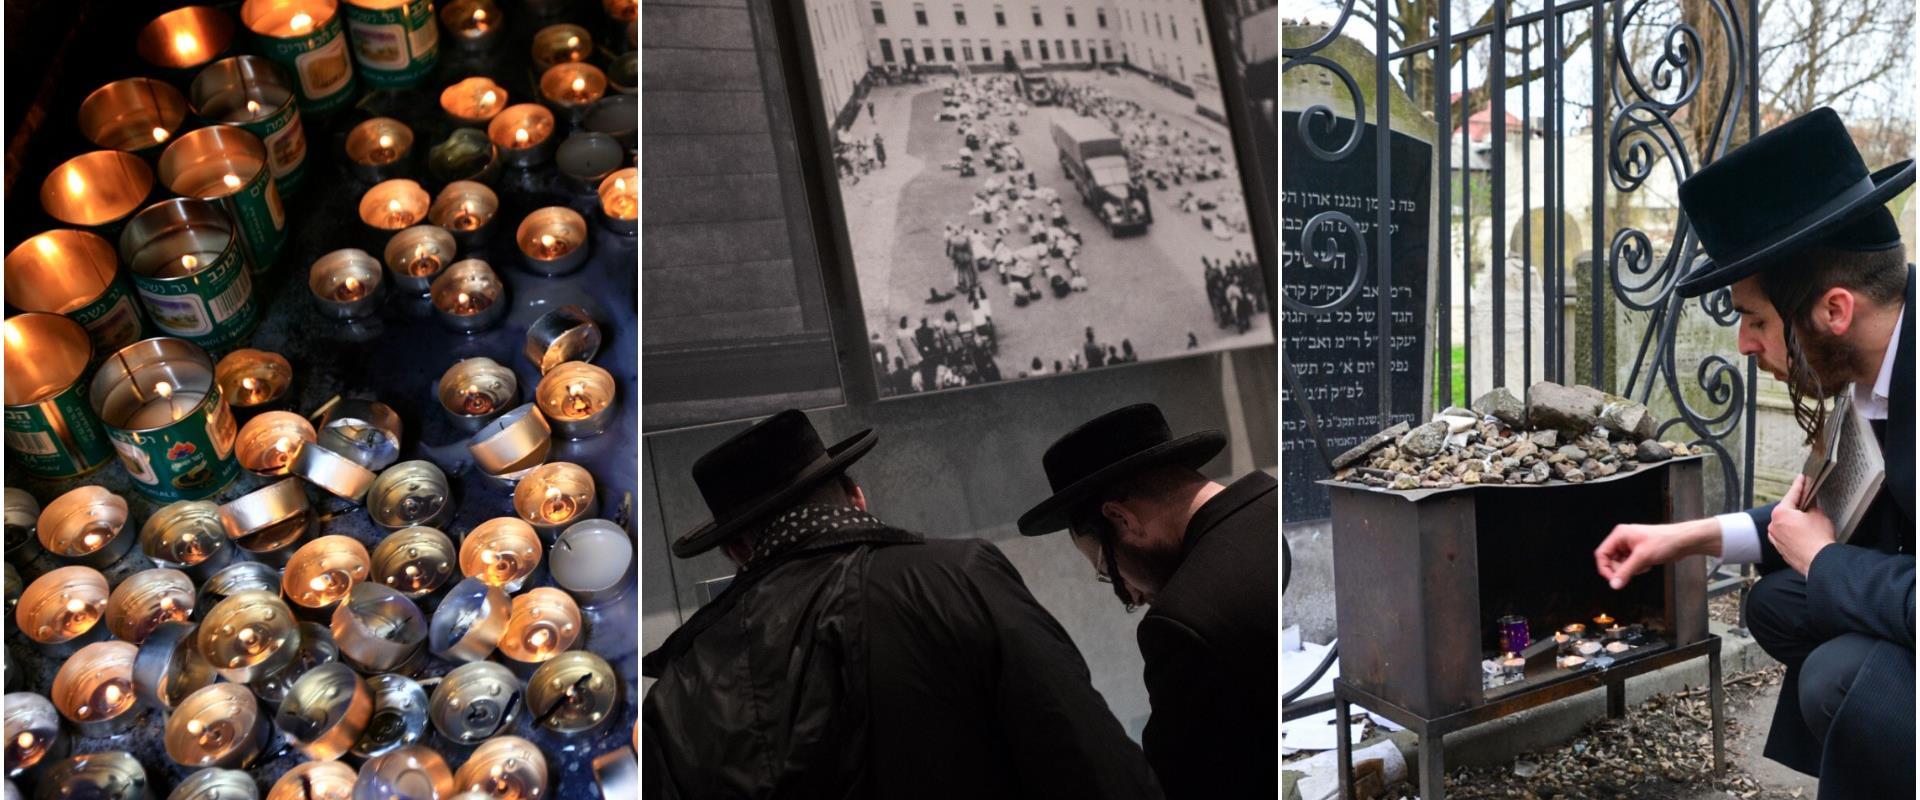 יום הזיכרון לשואה